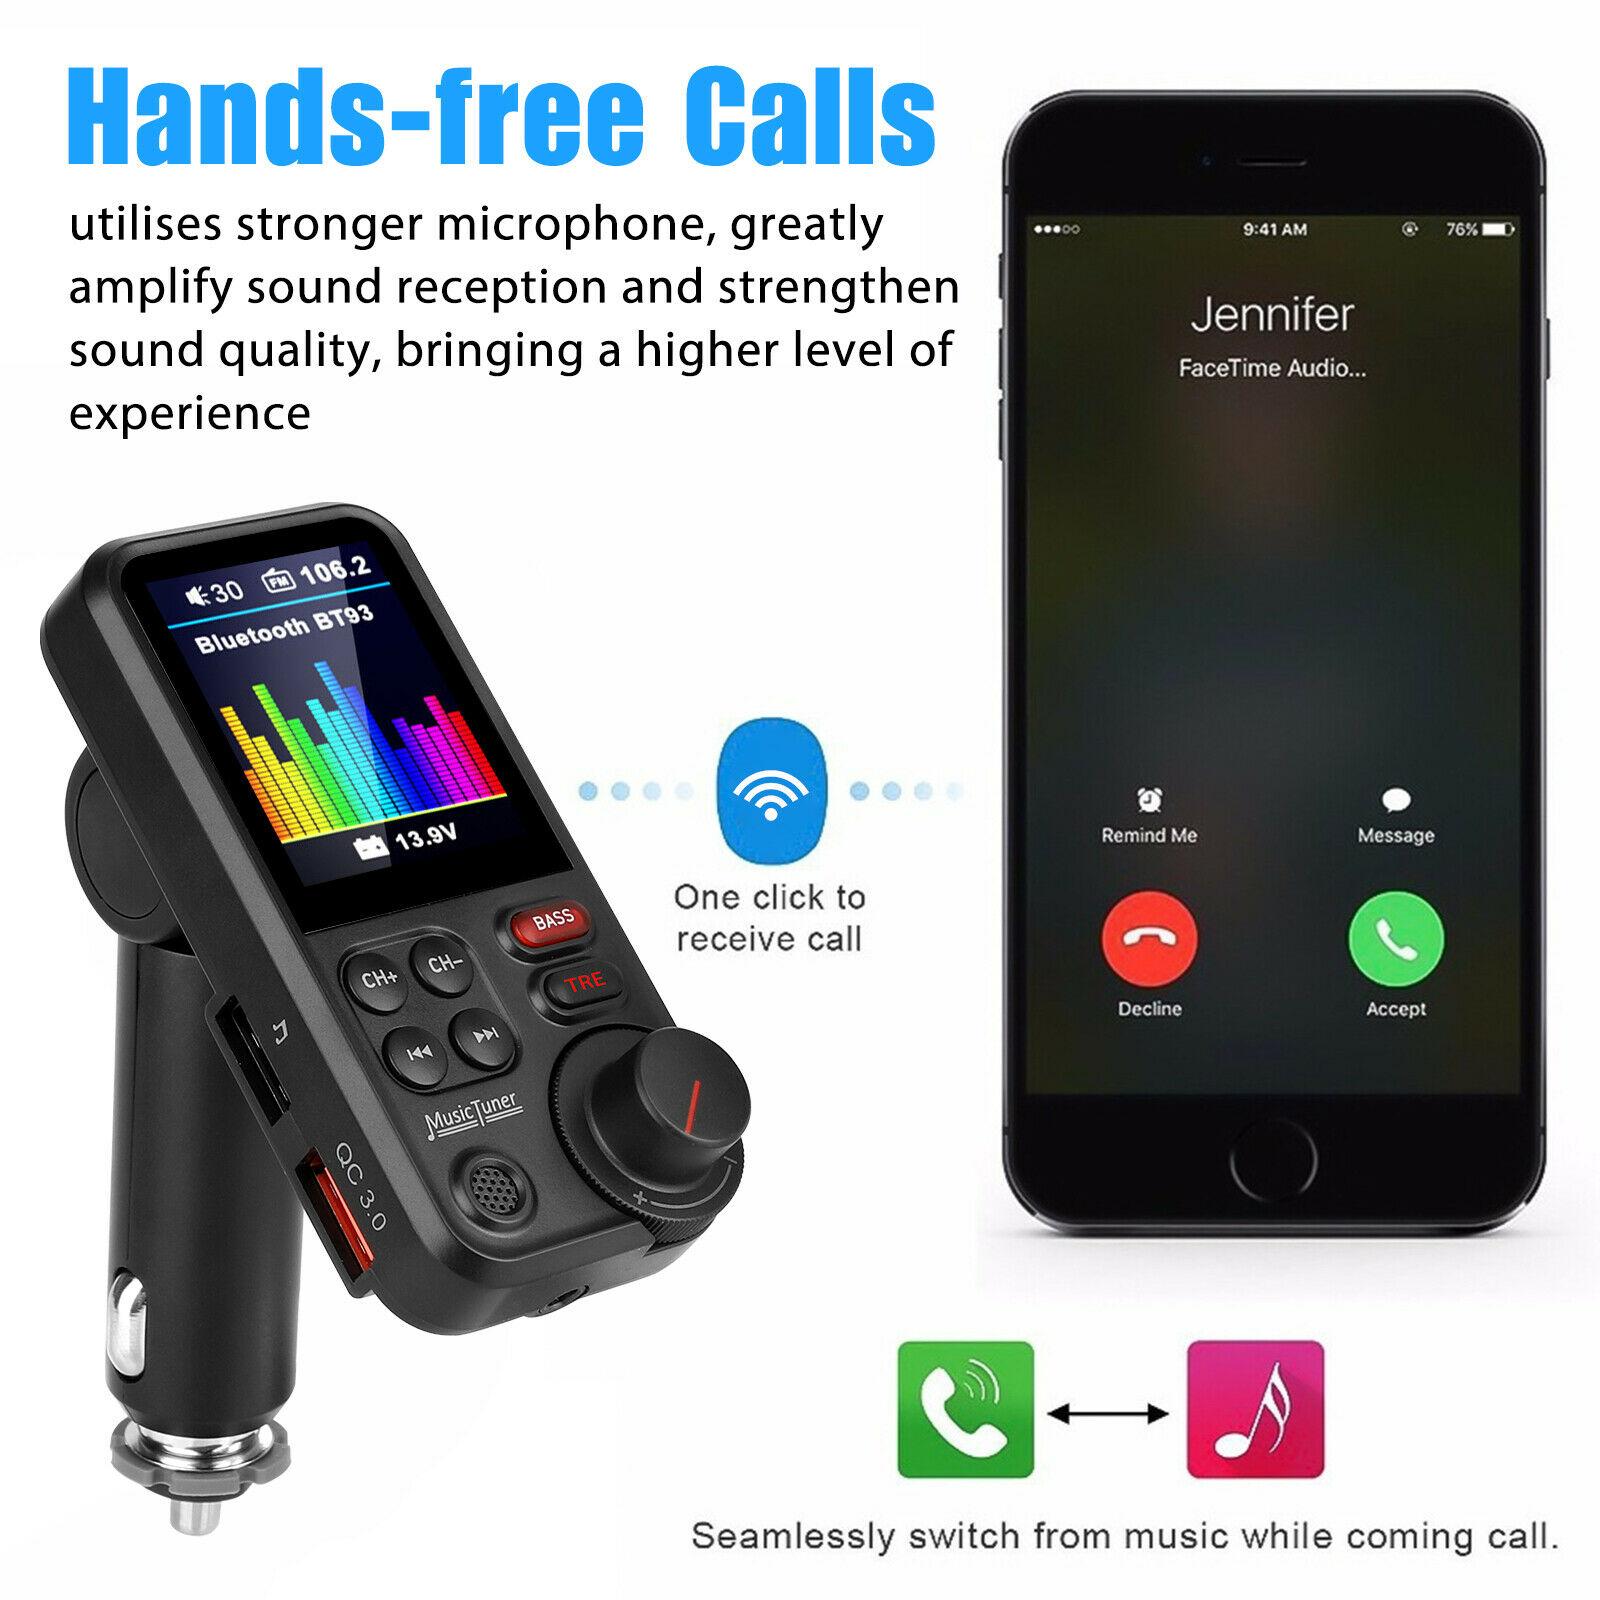 بلوتوث سيارة فم الارسال مشغل MP3 الأيدي الحرة محول للراديو 2 شاحن يو اس بي